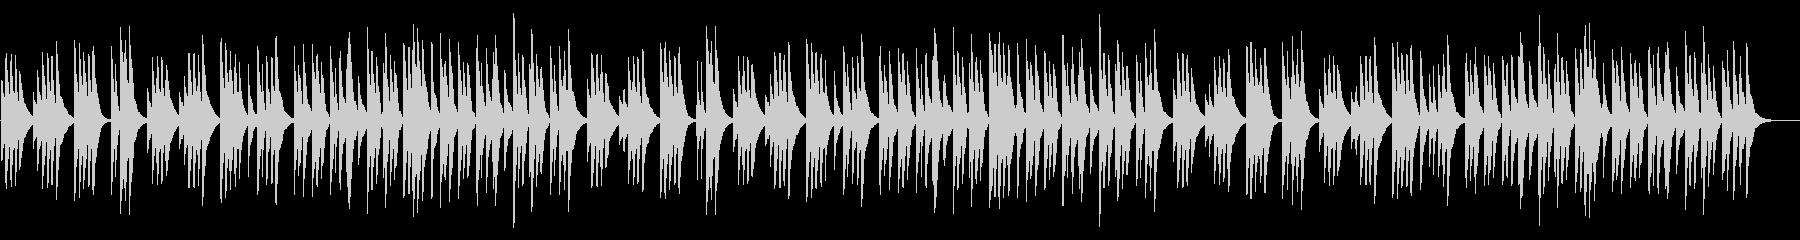 ジングルベル 18弁オルゴールの未再生の波形